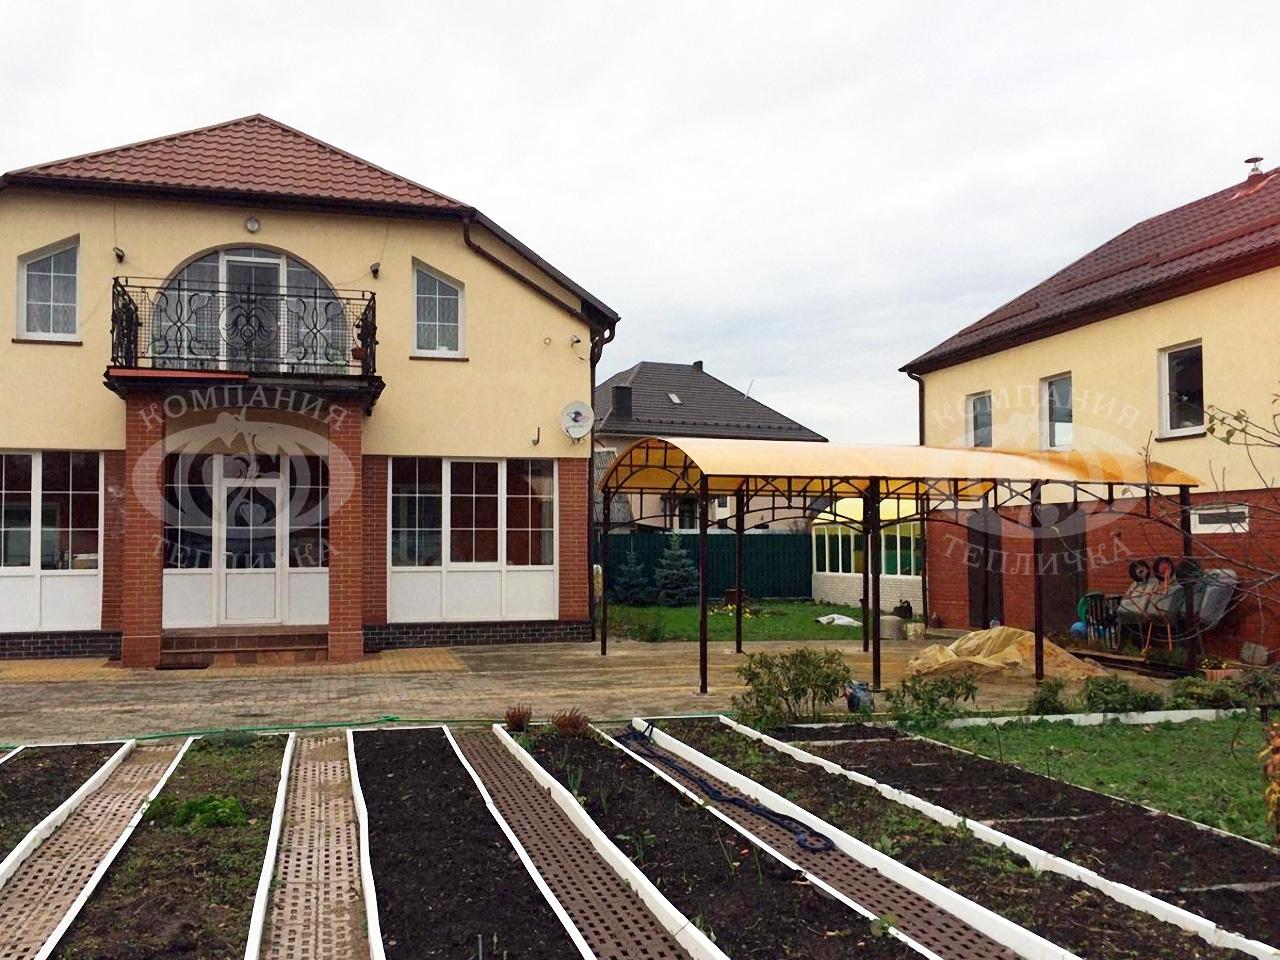 teplichka_naves-07-11-19-05-12-3